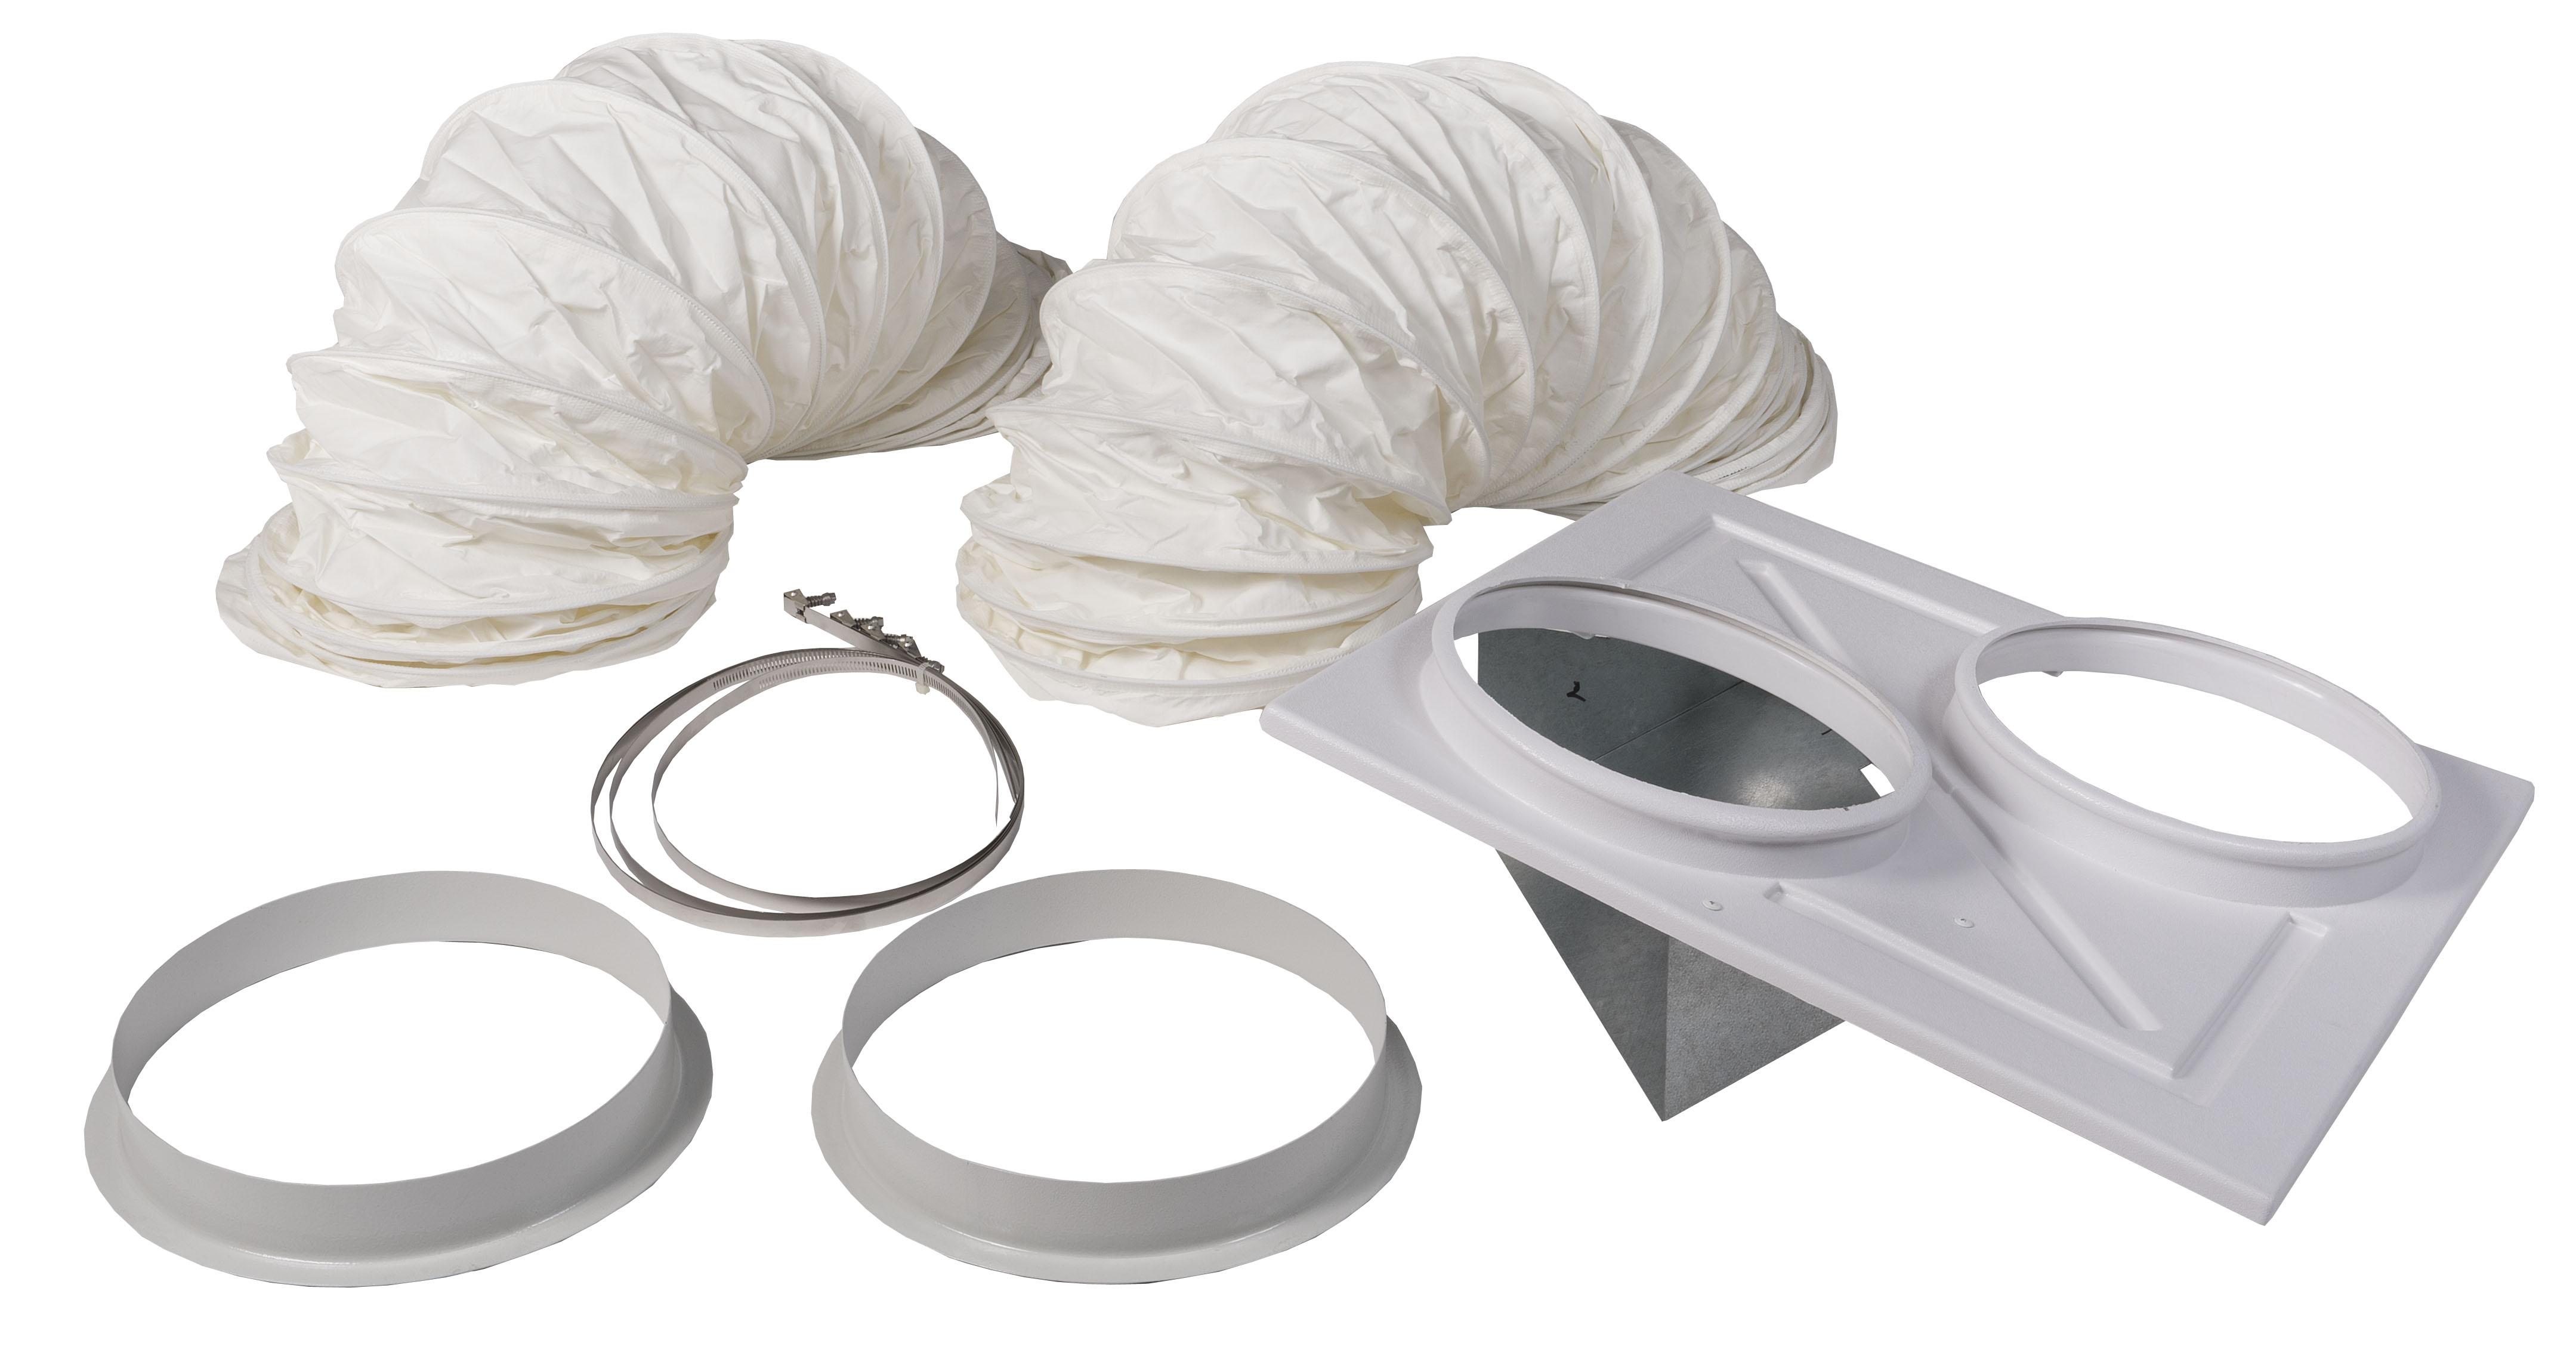 CK-12 Ceiling Kit Parts